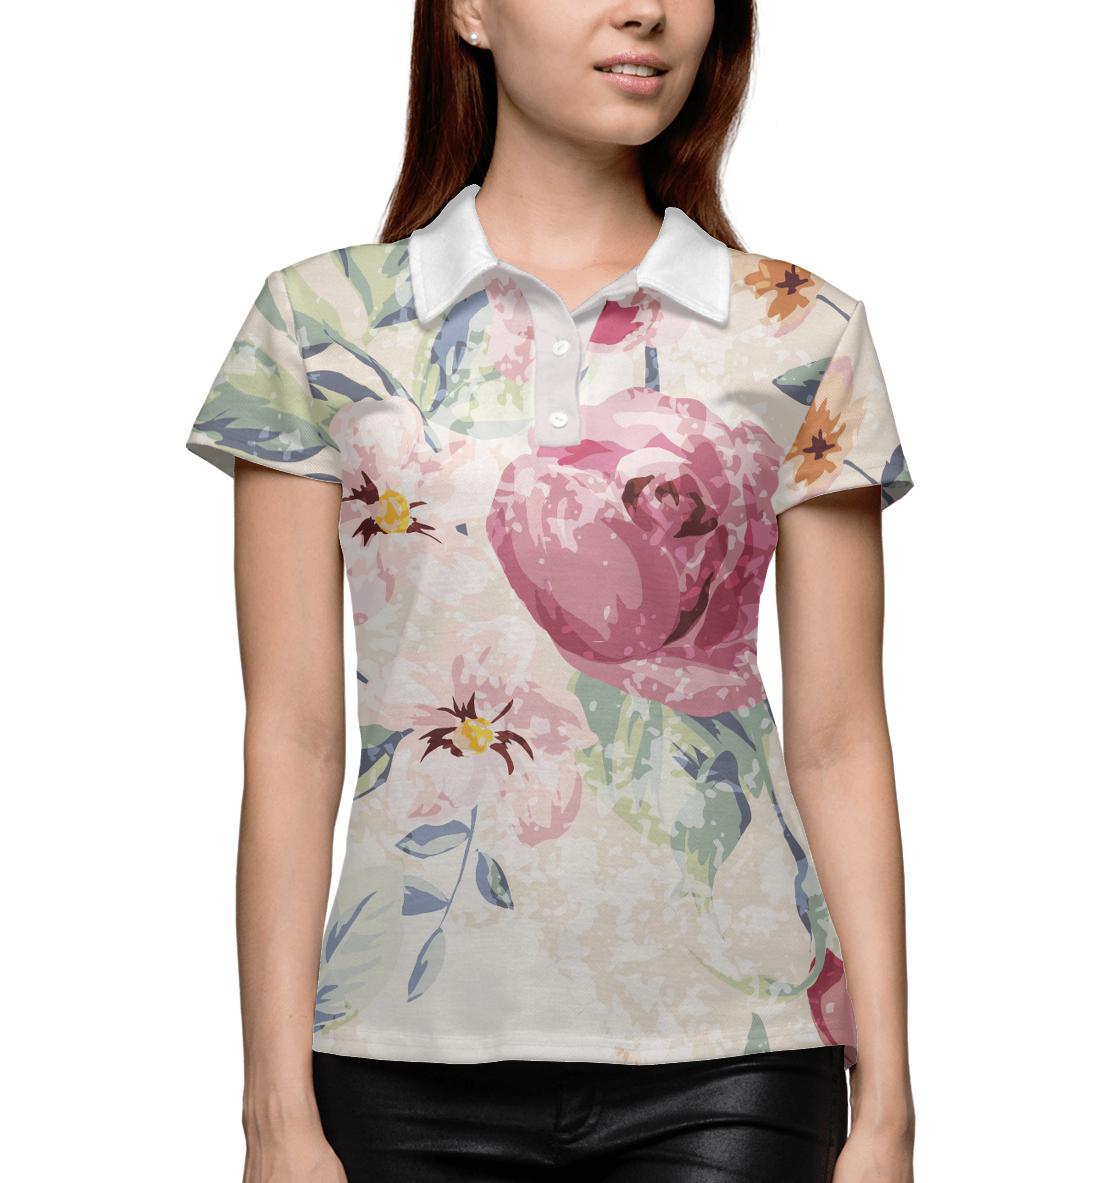 Купить Крупные цветы, Printbar, Поло, CVE-423206-pol-1